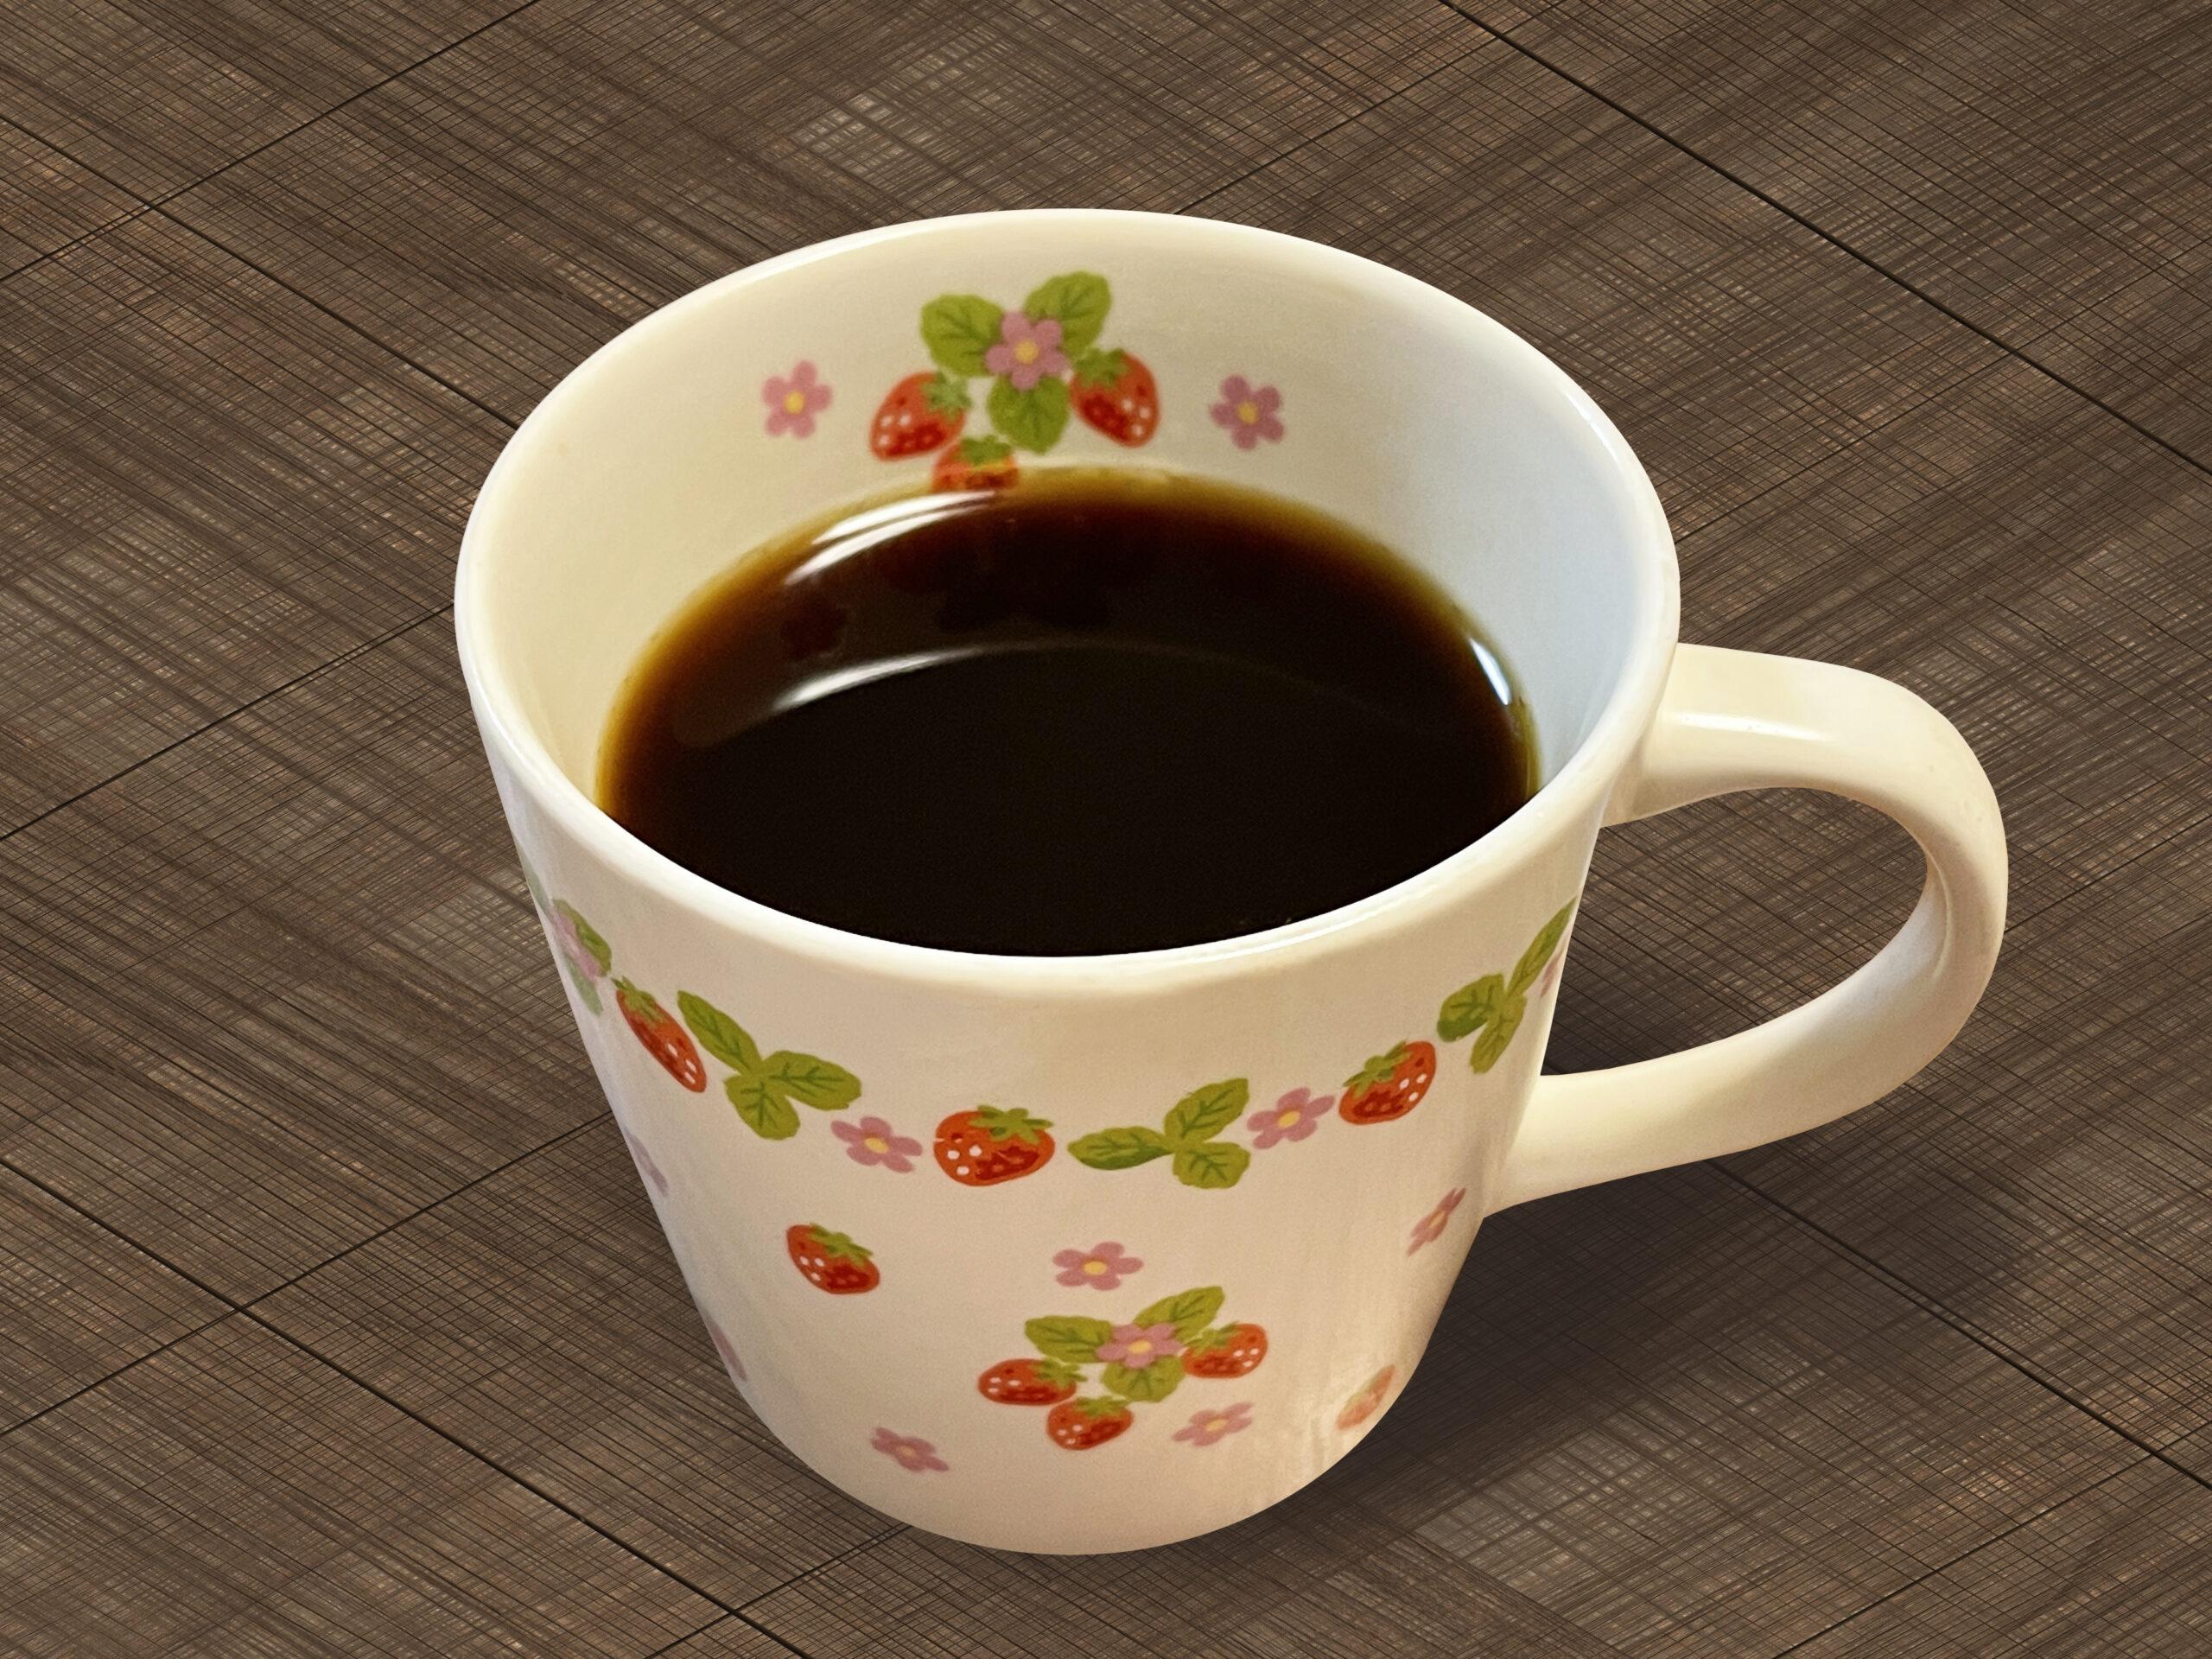 手塚治虫「1日一時間寝れば後はコーヒー飲めば持ちますけどね」←これ